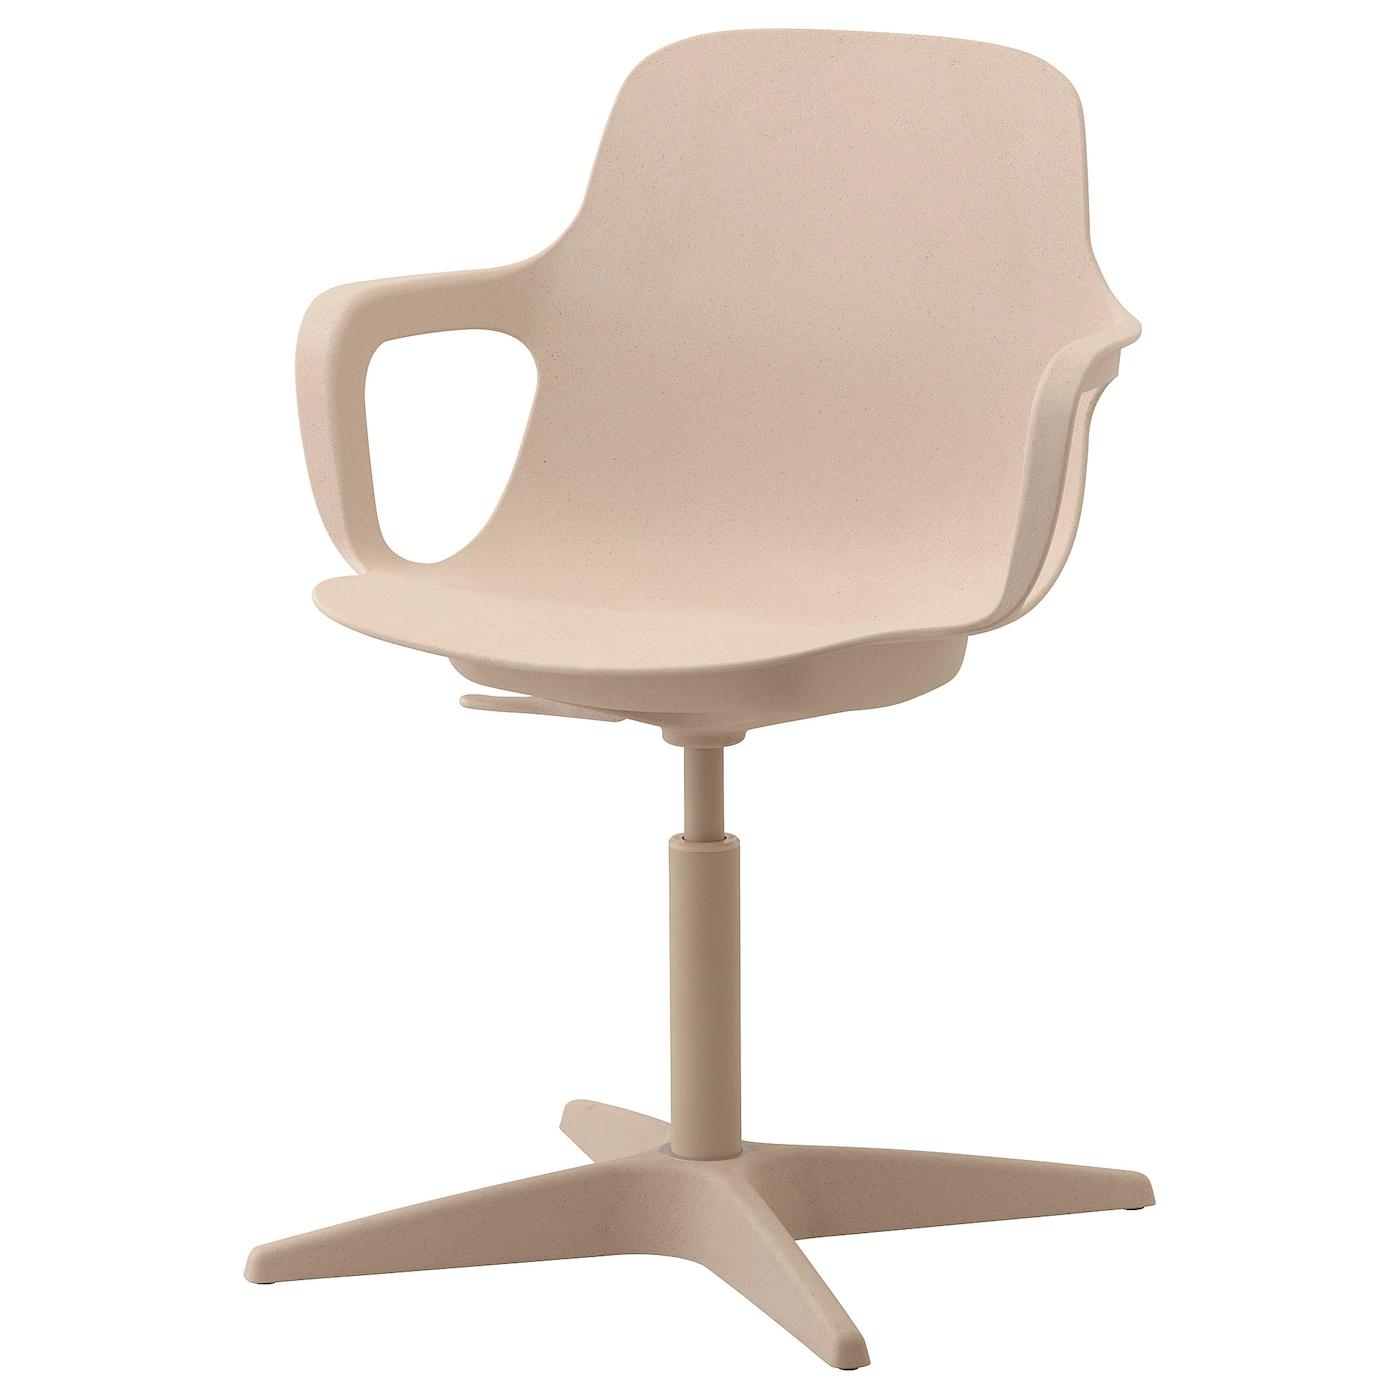 Odger Swivel Chair White Beige